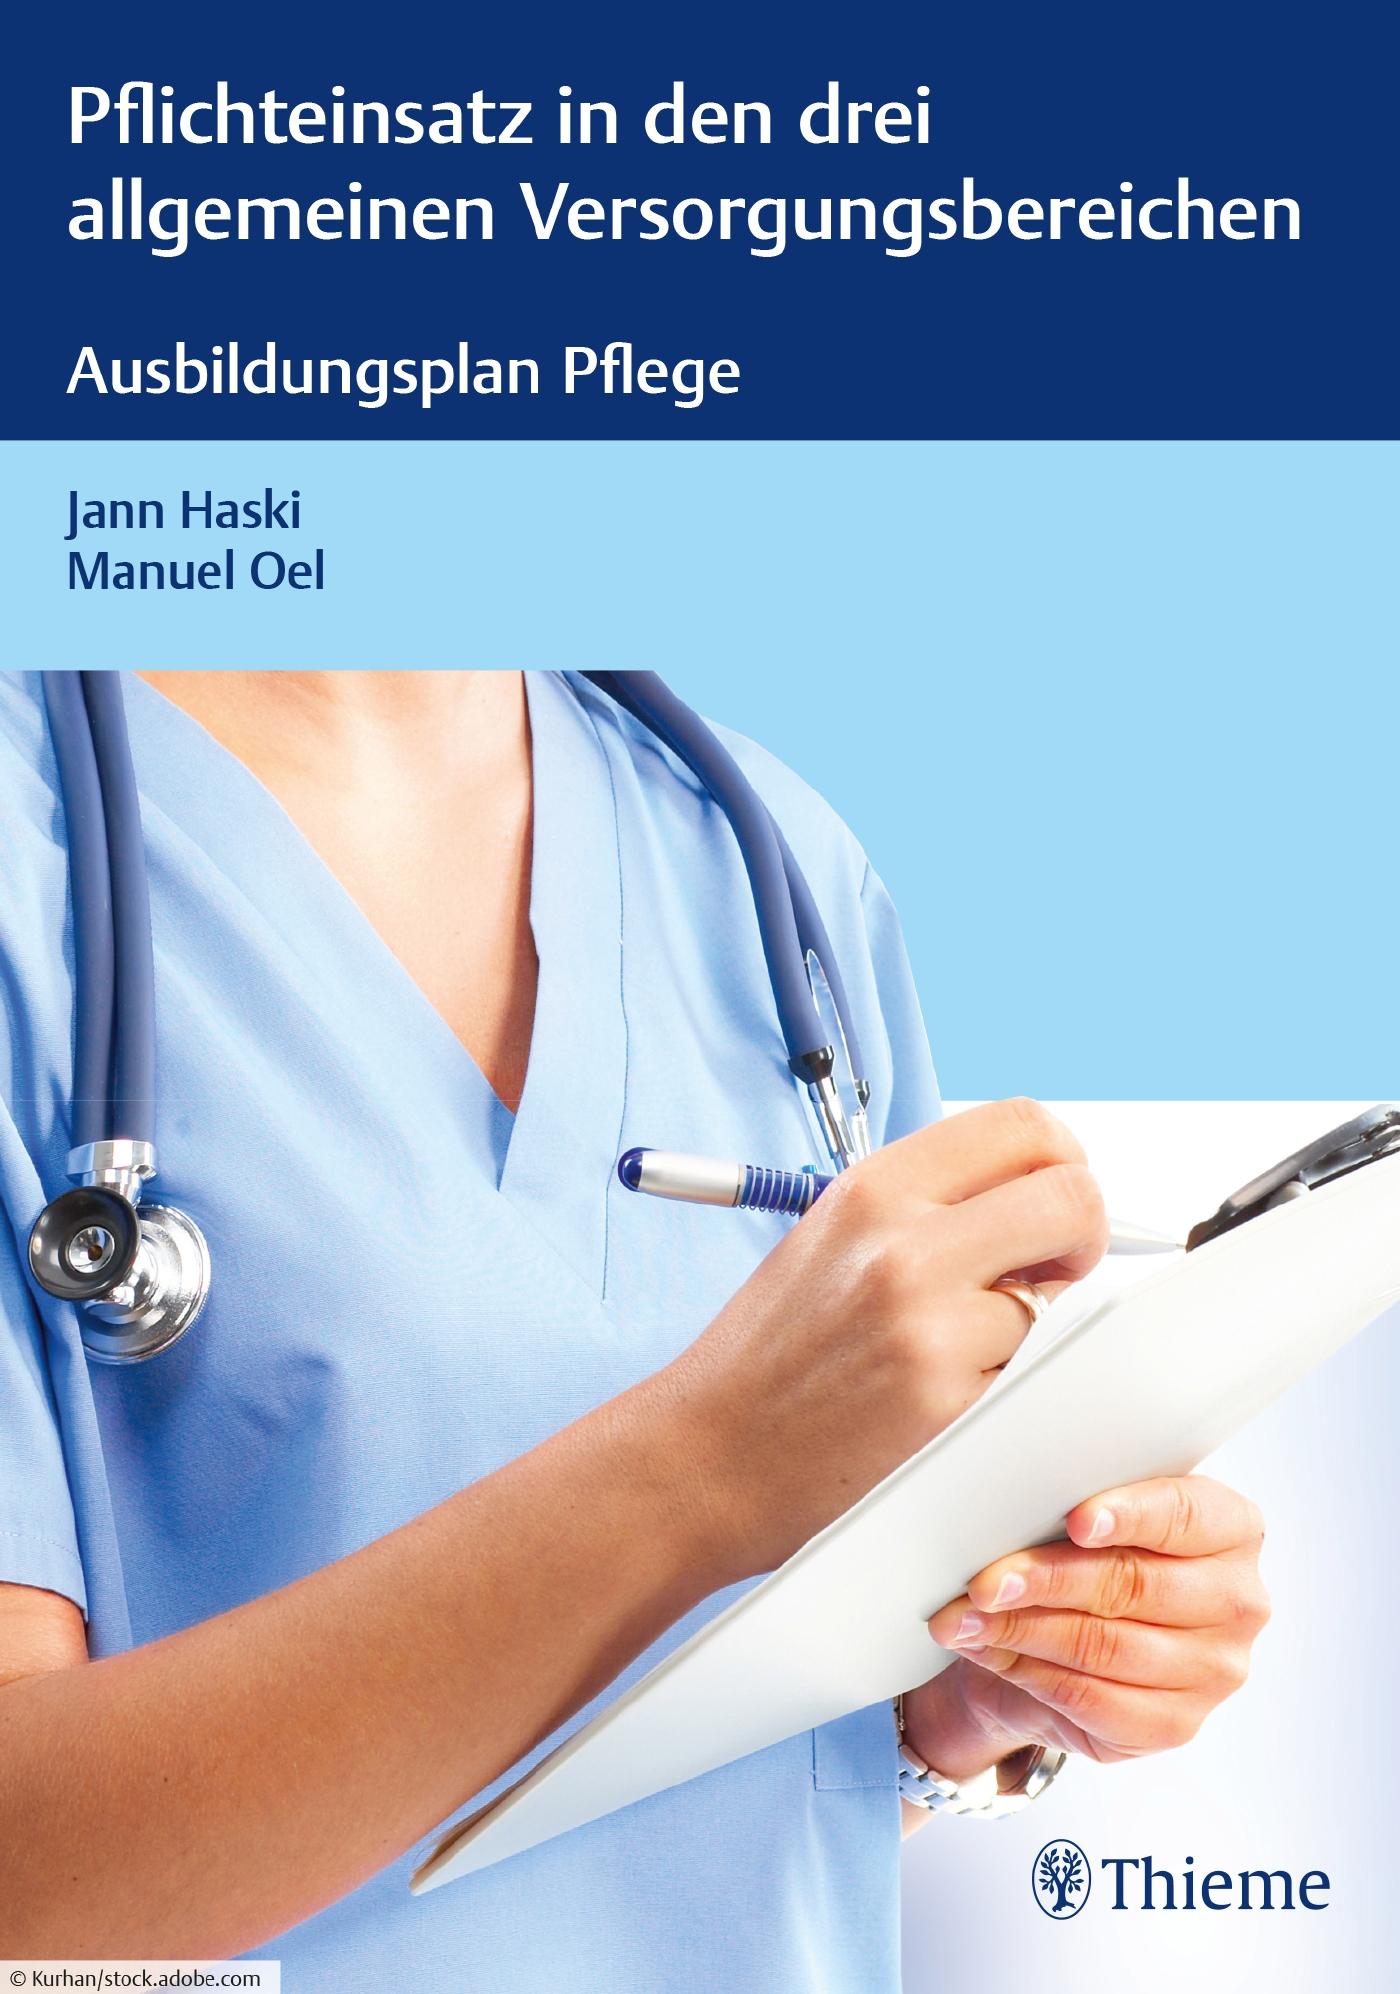 Ausbildungsplan Pflege – Pflichteinsatz in den drei allgemeinen Versorgungsbereichen